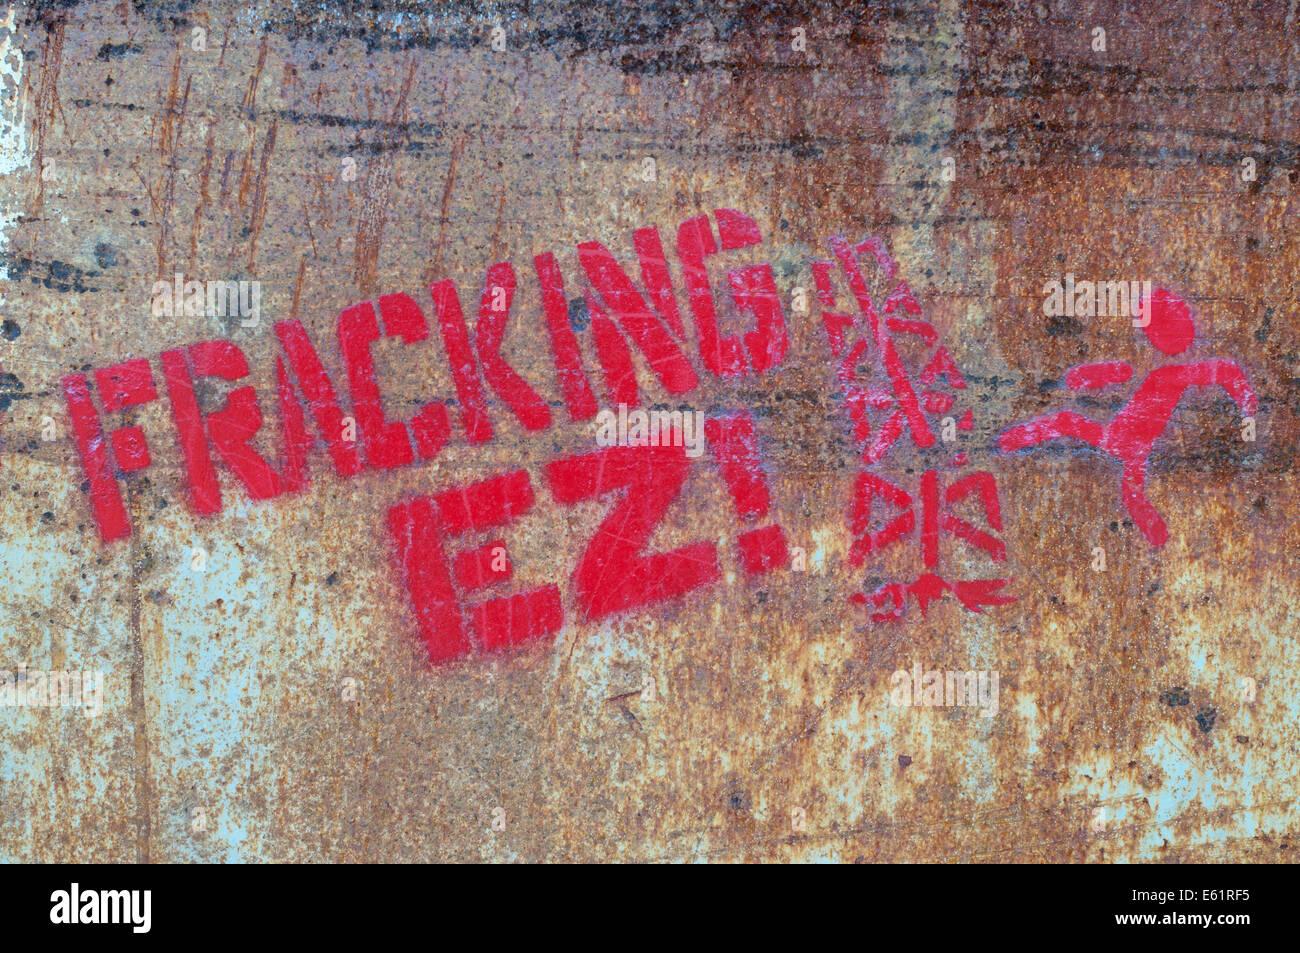 Graffiti protestando contra el Fracking EZ Zarautz, Gipuzkoa, en el norte de España, Europa Imagen De Stock